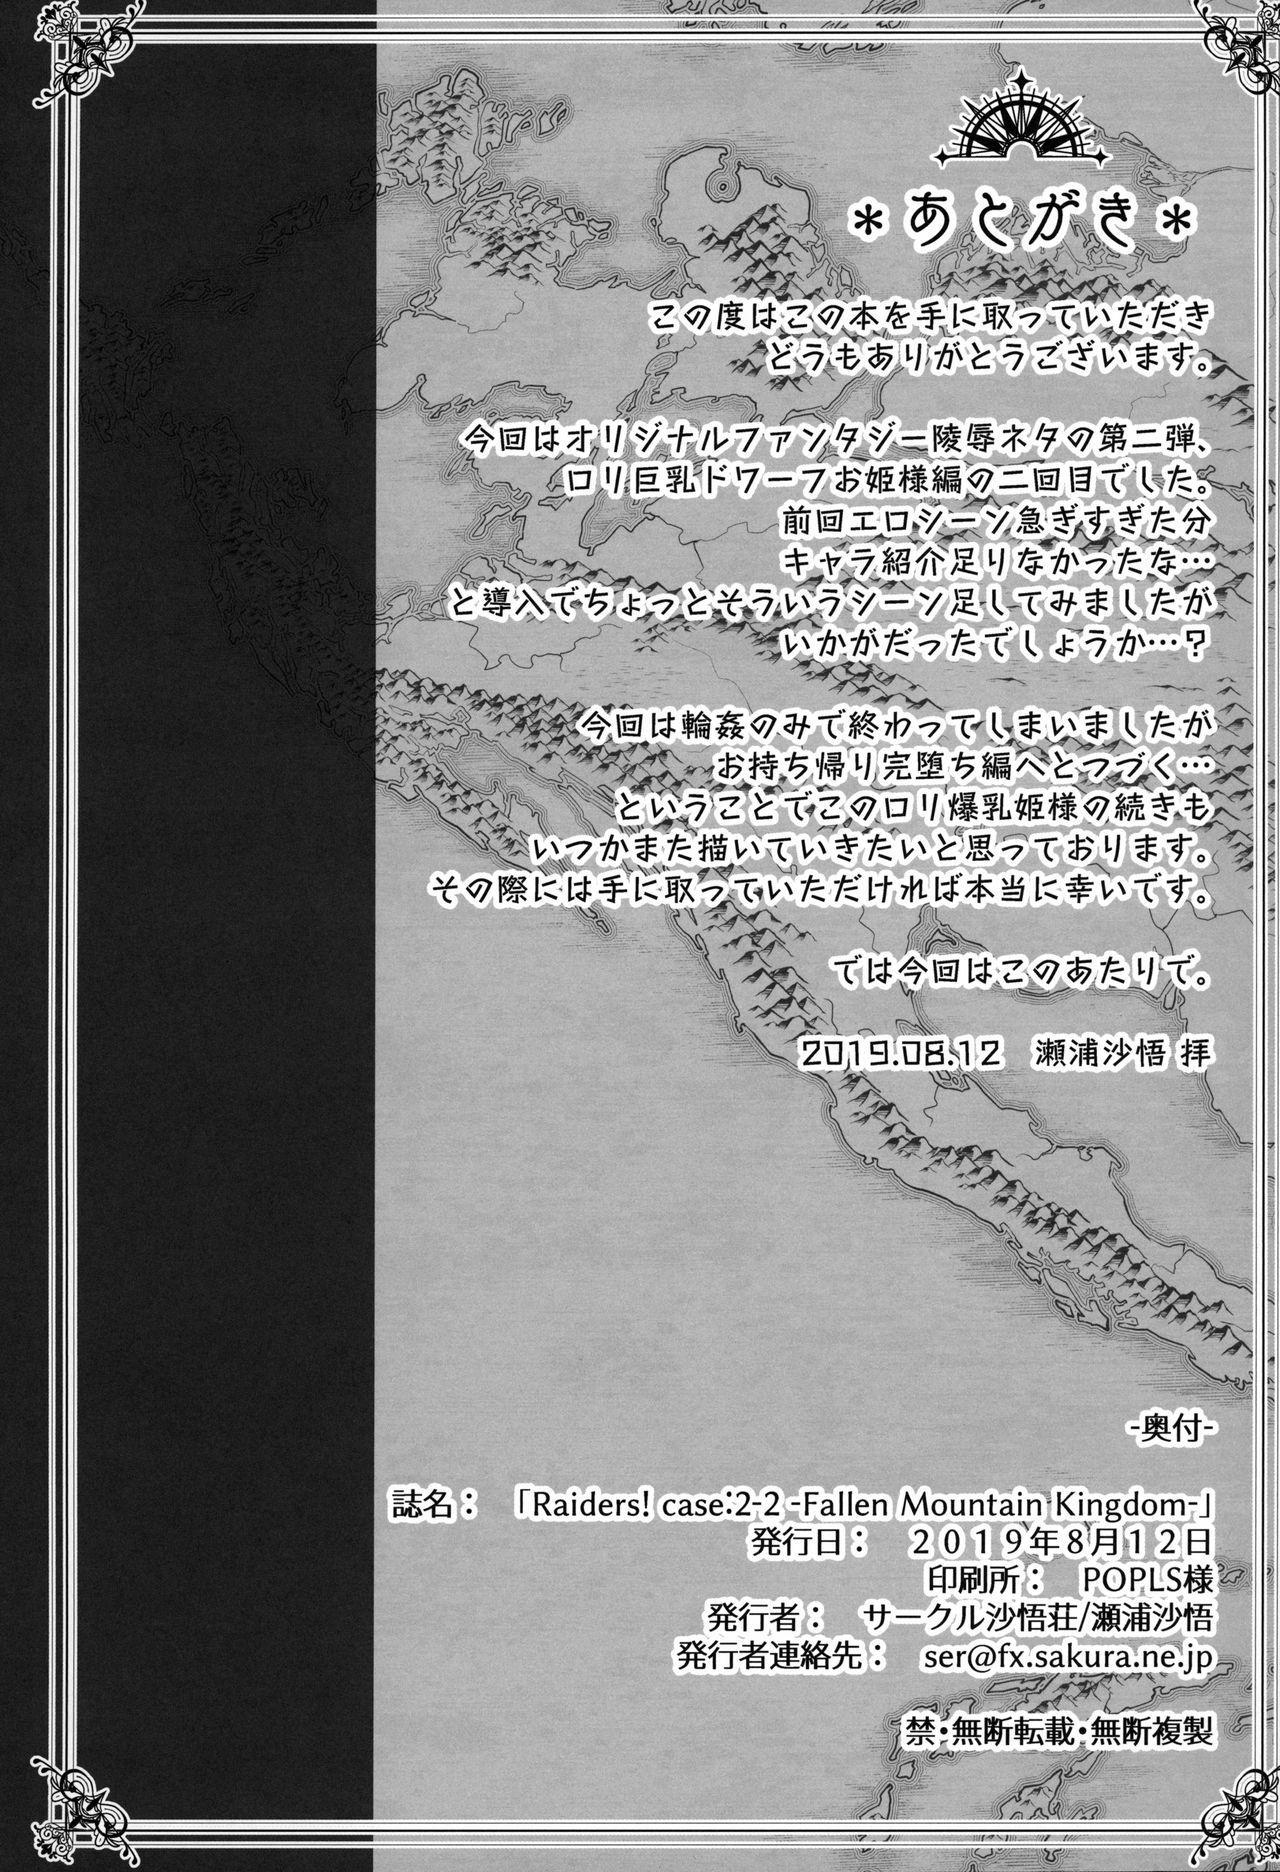 (C96) [Sago-Jou (Seura Isago)] Raiders! case:2-2 -Fallen Mountain Kingdom- 40